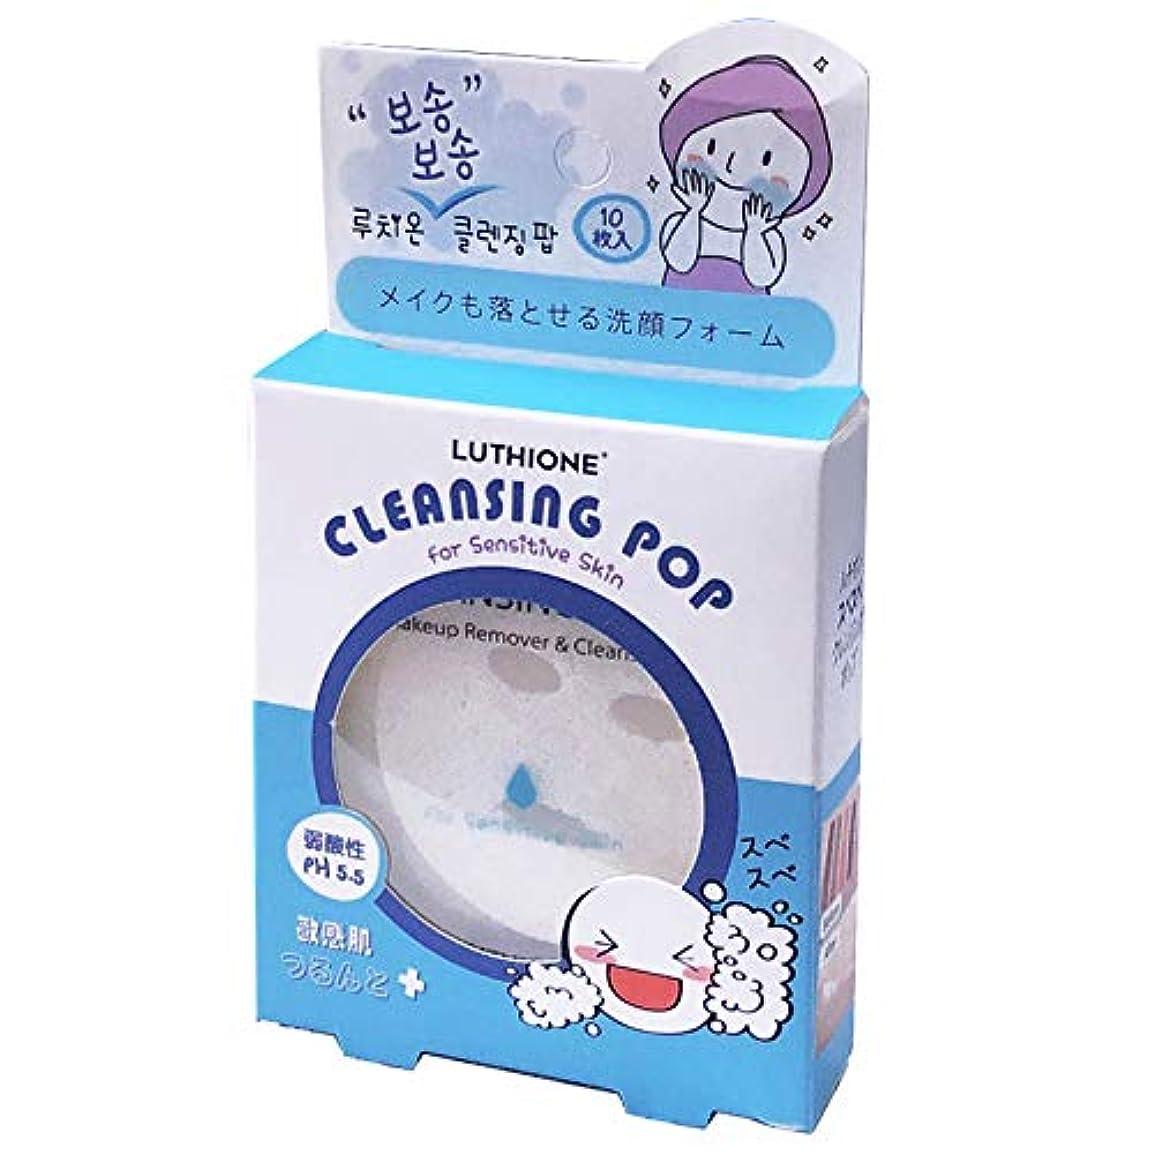 不良品湾伴う【まとめ買い】ルチオン クレンジングポップ (LUTHIONE CLEANSING POP) 敏感肌 10枚入り ×2個